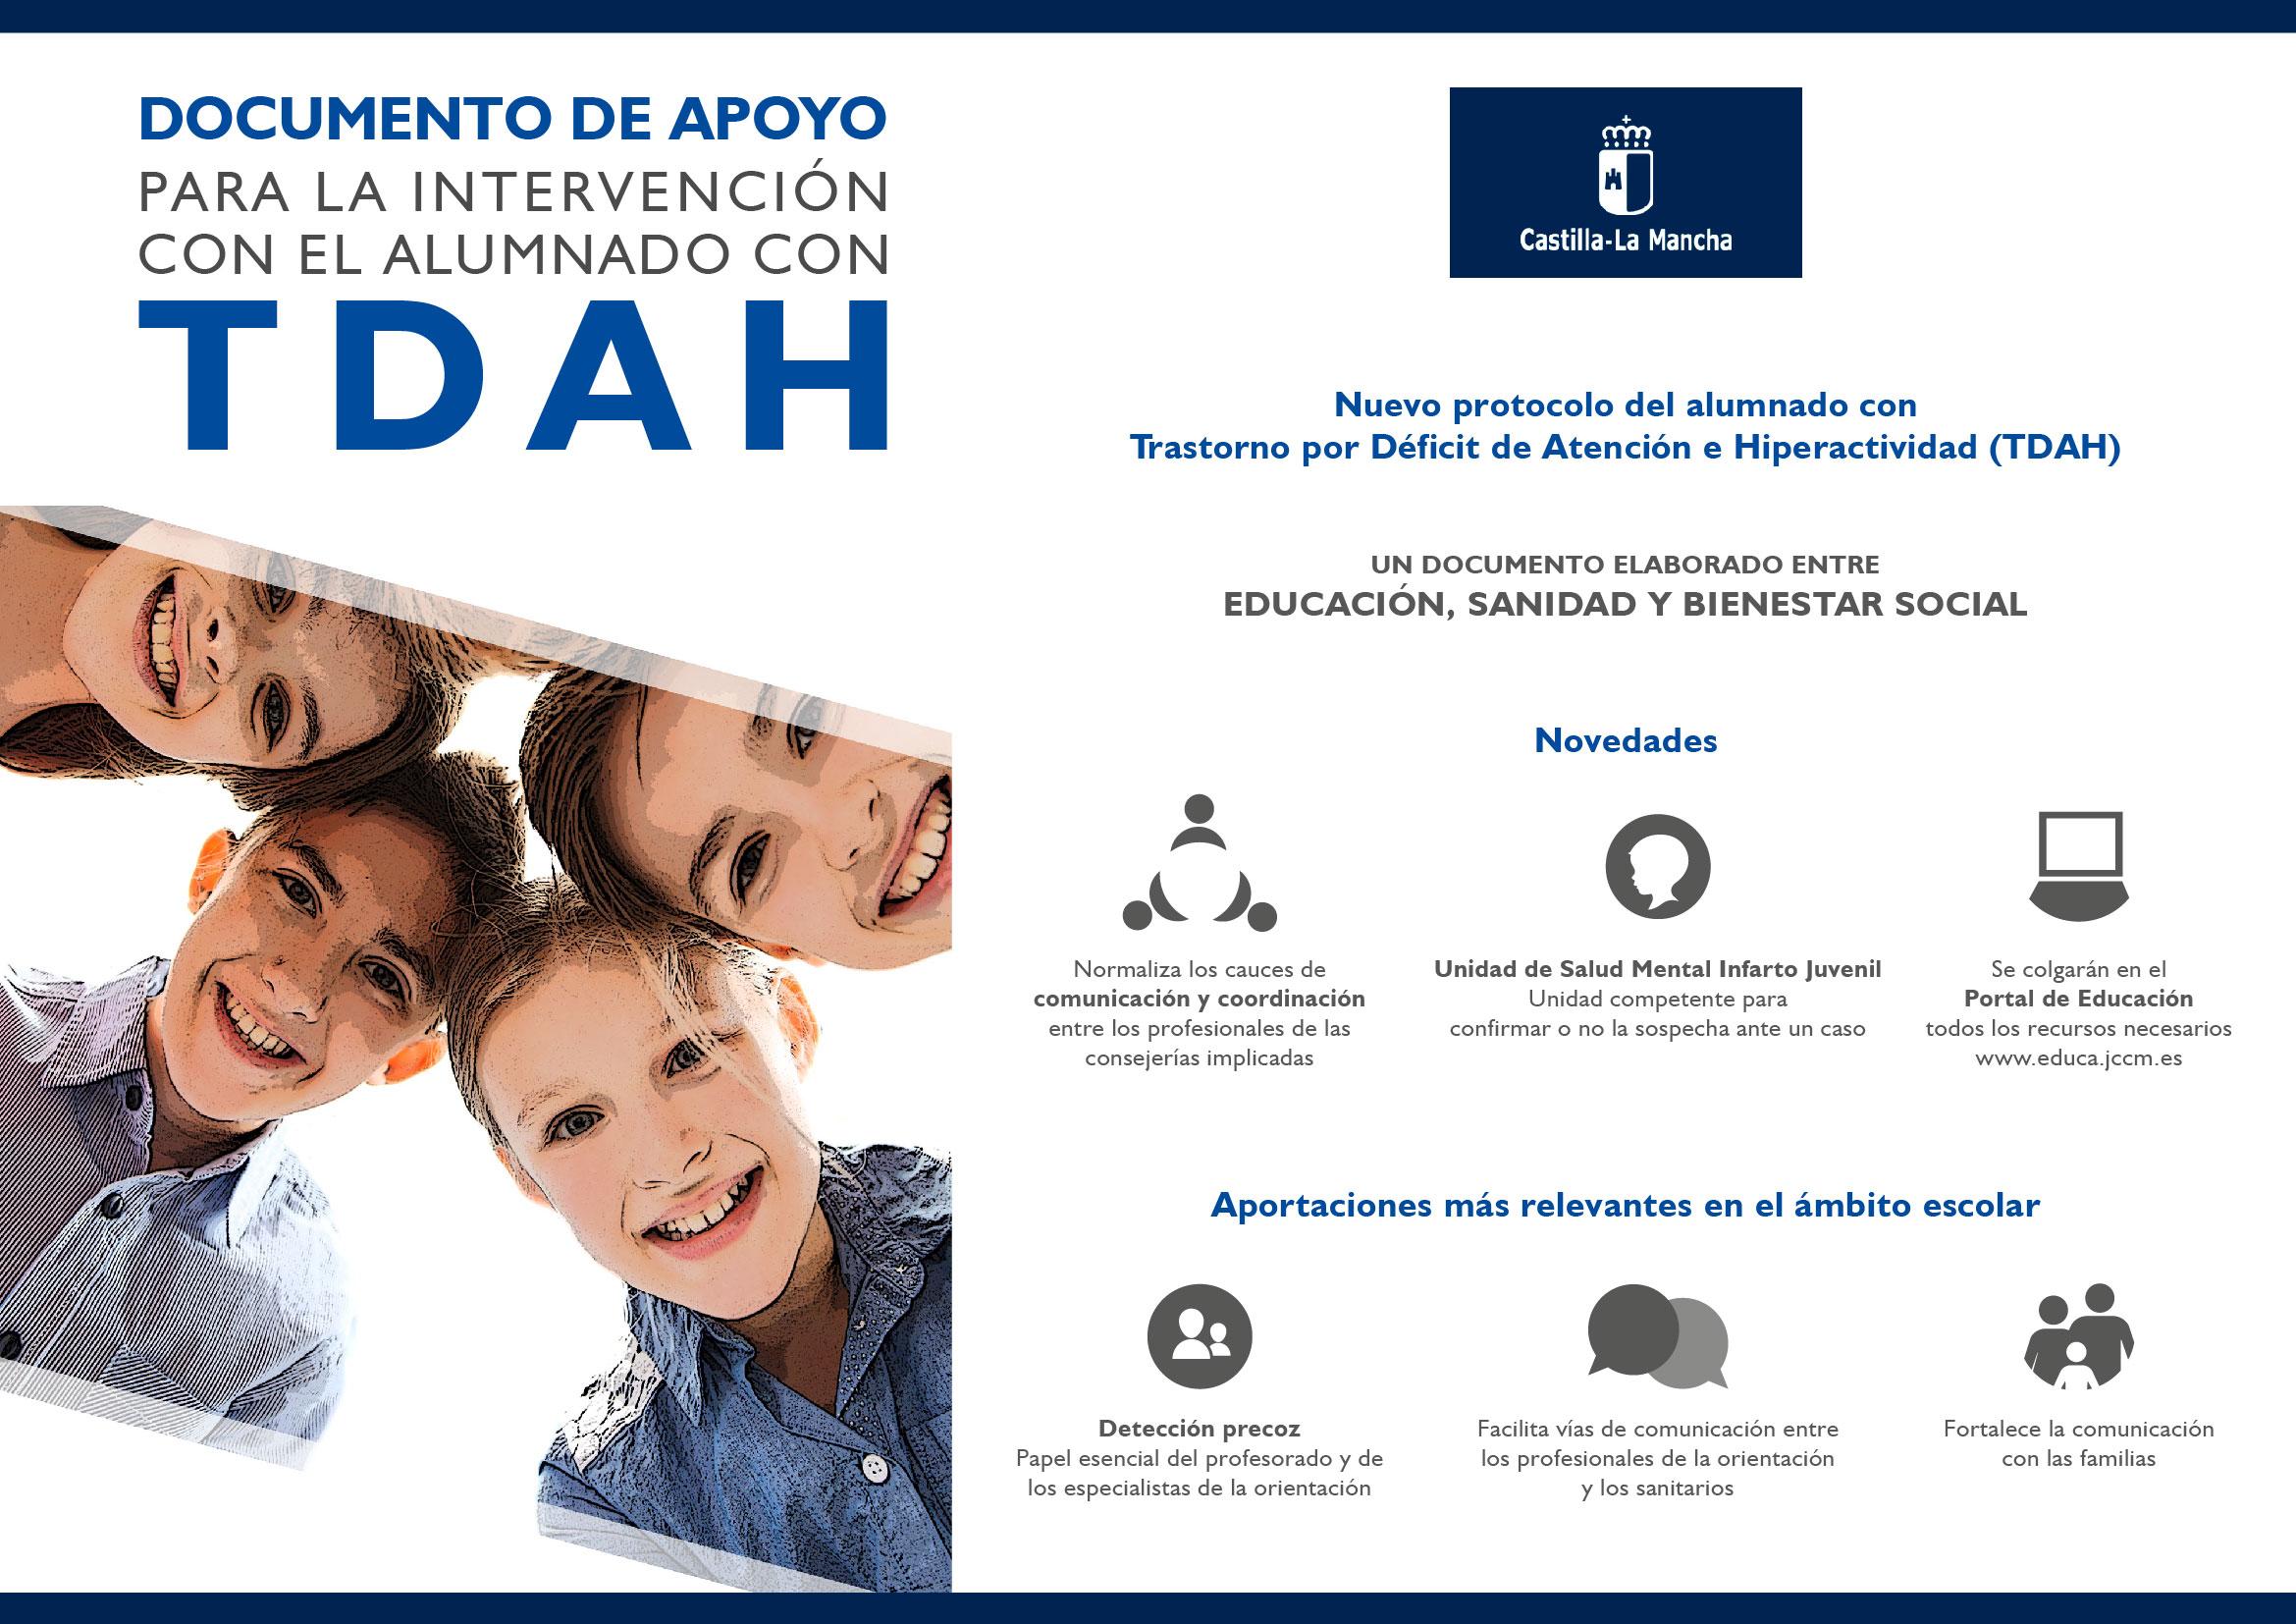 Nuevo Protocolo TDAH, una respuesta integral y de calidad para la población infantil, juvenil y sus familias